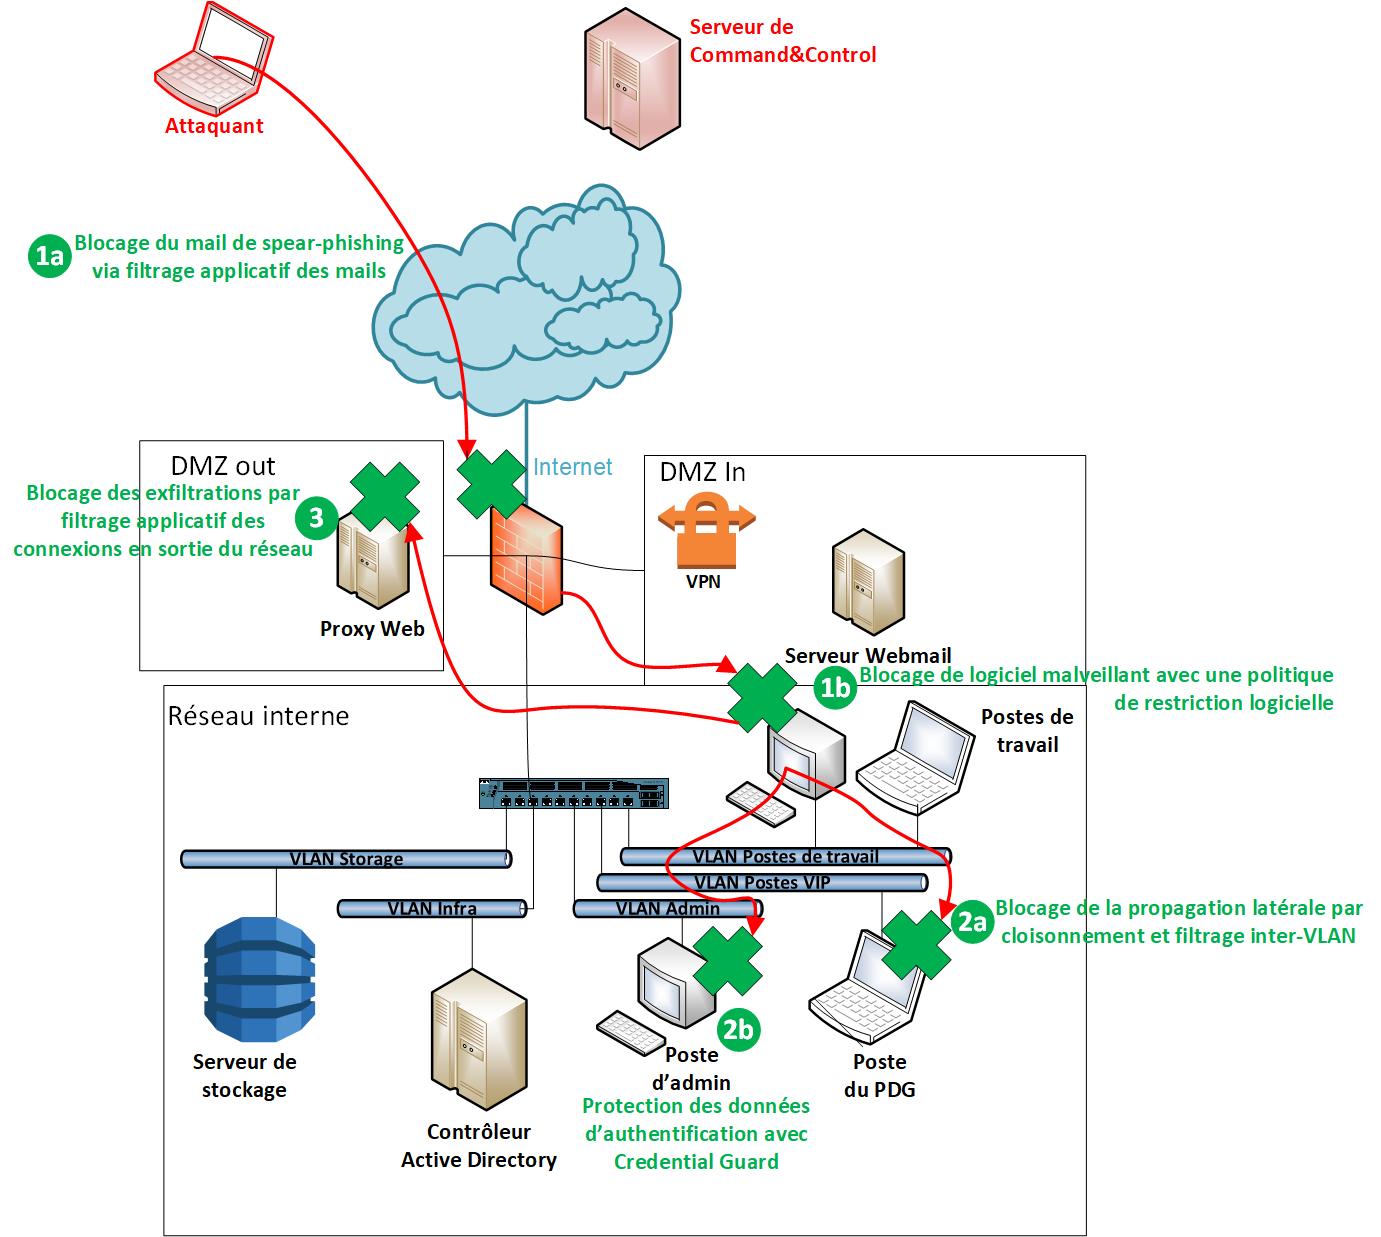 Illustration des différents blocages des APT à chaque étape de l'attaque.  1a) Blocage du mail de spear-phishing via filtrage applicatif des mails. 1b) Blocage de logiciels malveillants avec une politique de restriction logicielle. 2a) Blocage de la pr